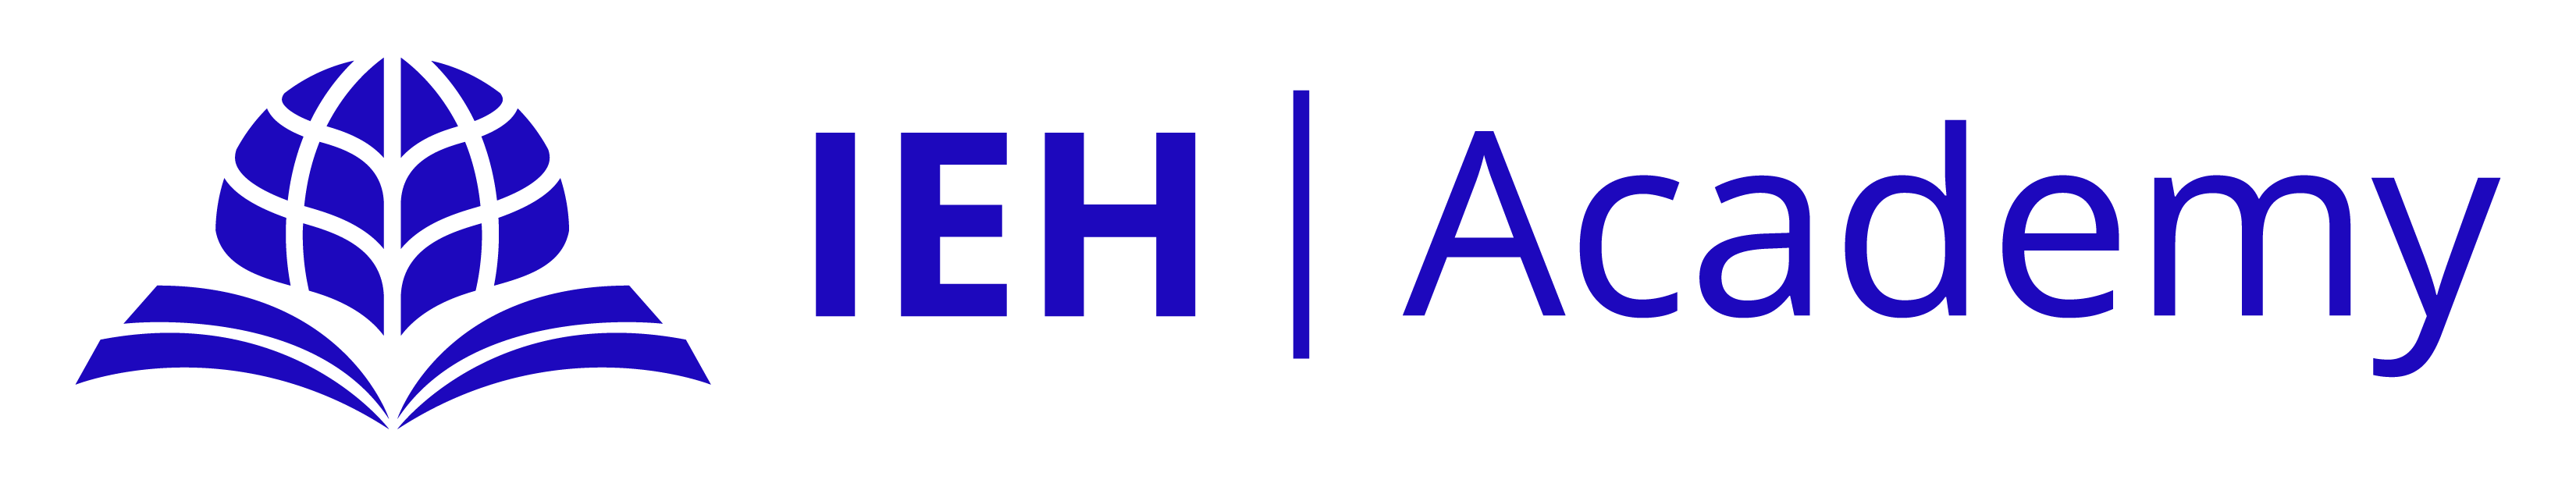 IEH Academy